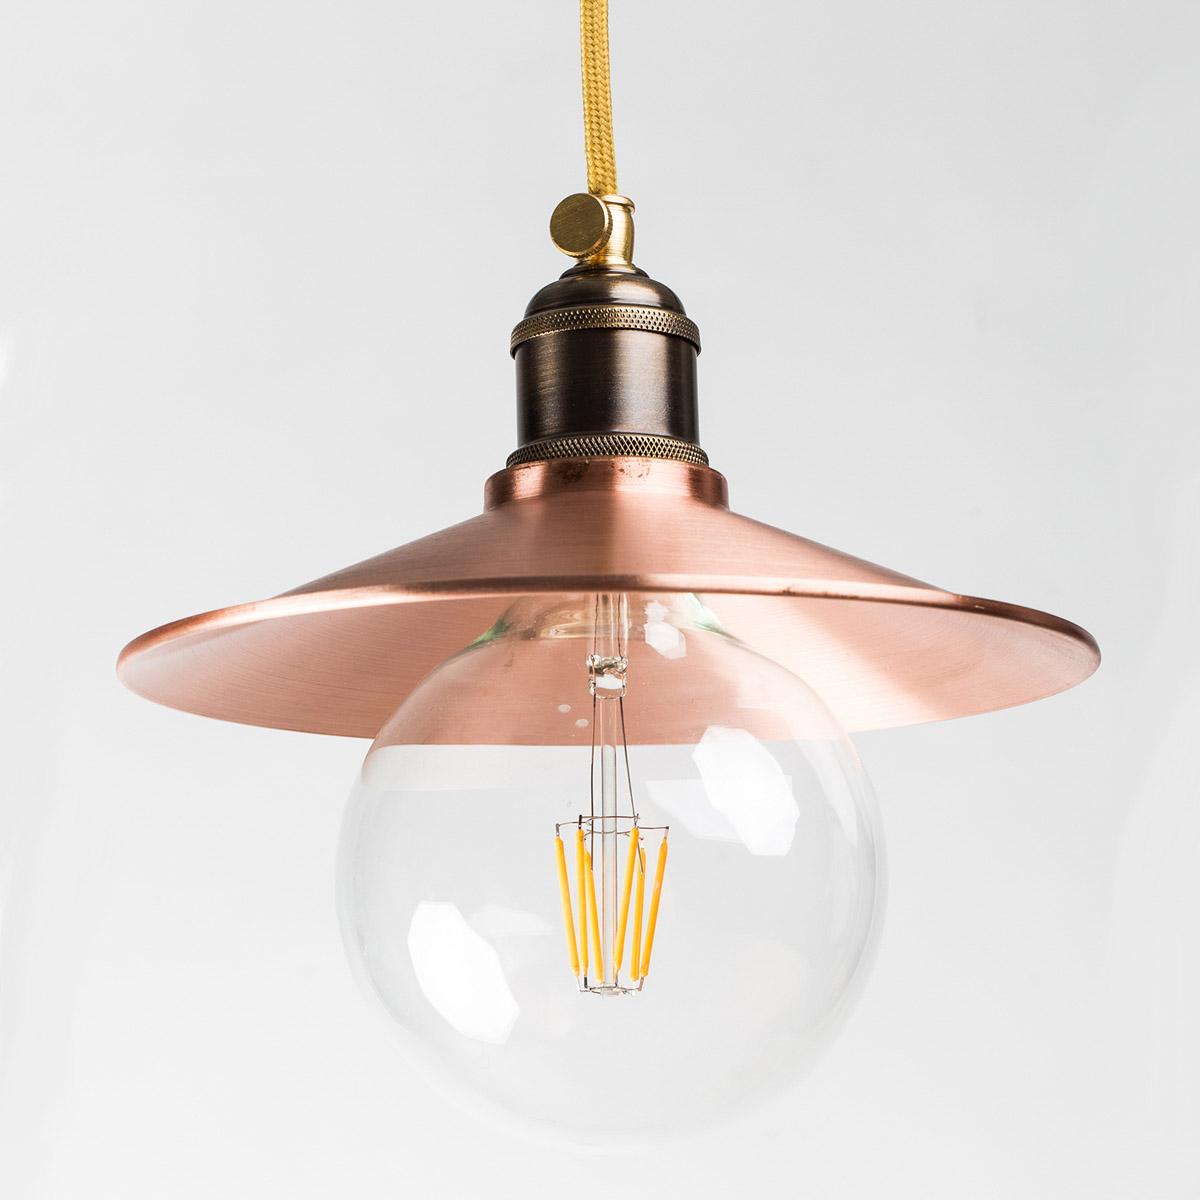 Потолочный светильник 610 медный